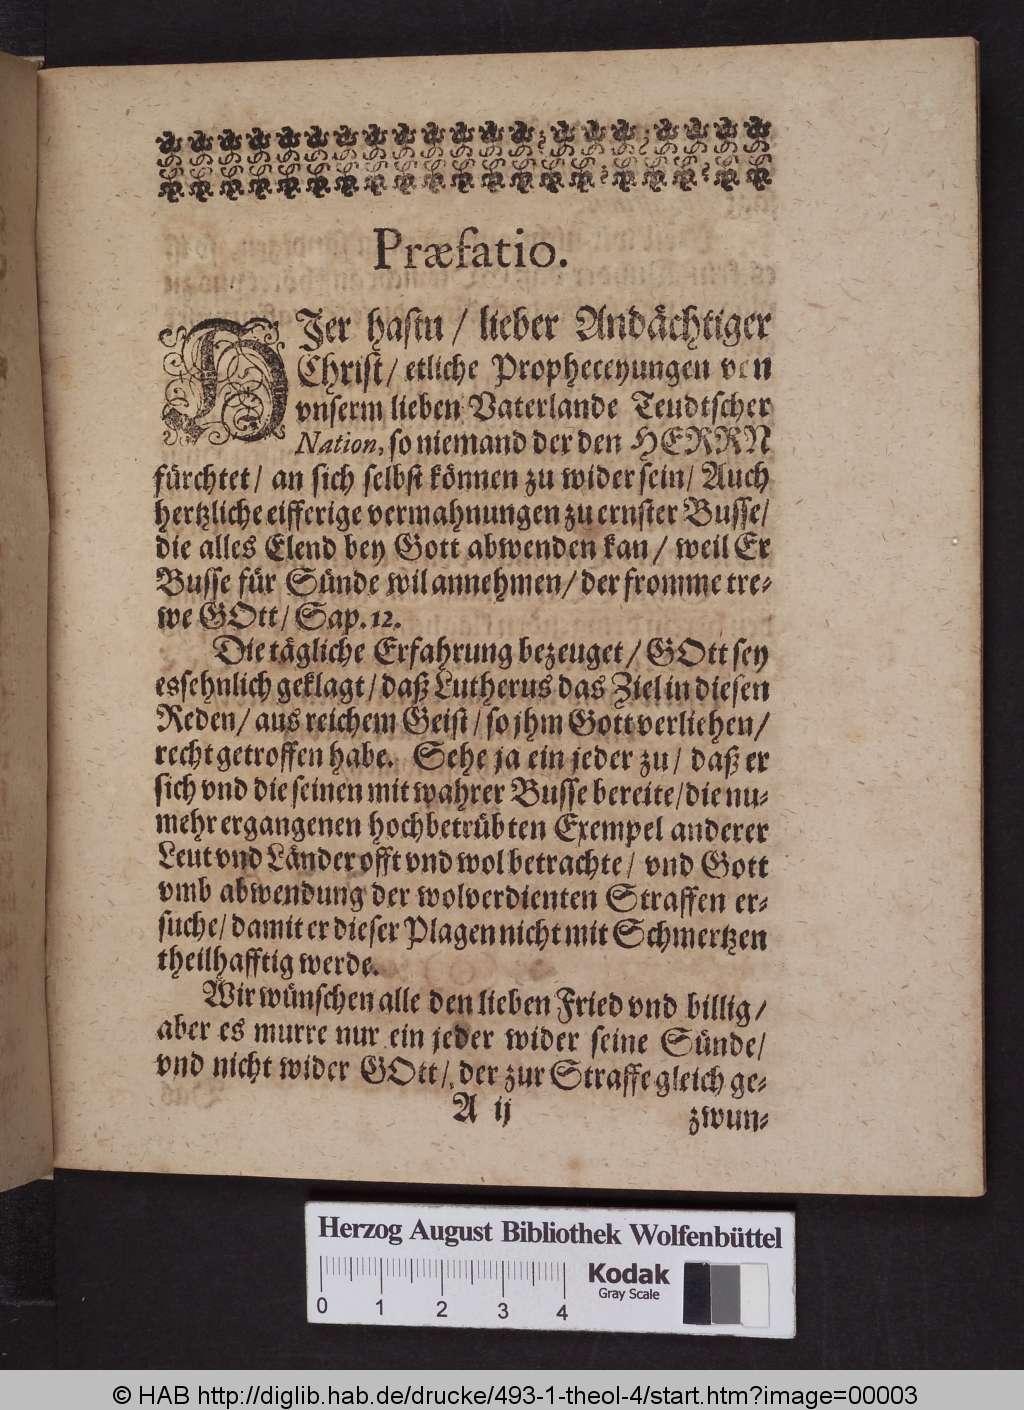 http://diglib.hab.de/drucke/493-1-theol-4/00003.jpg